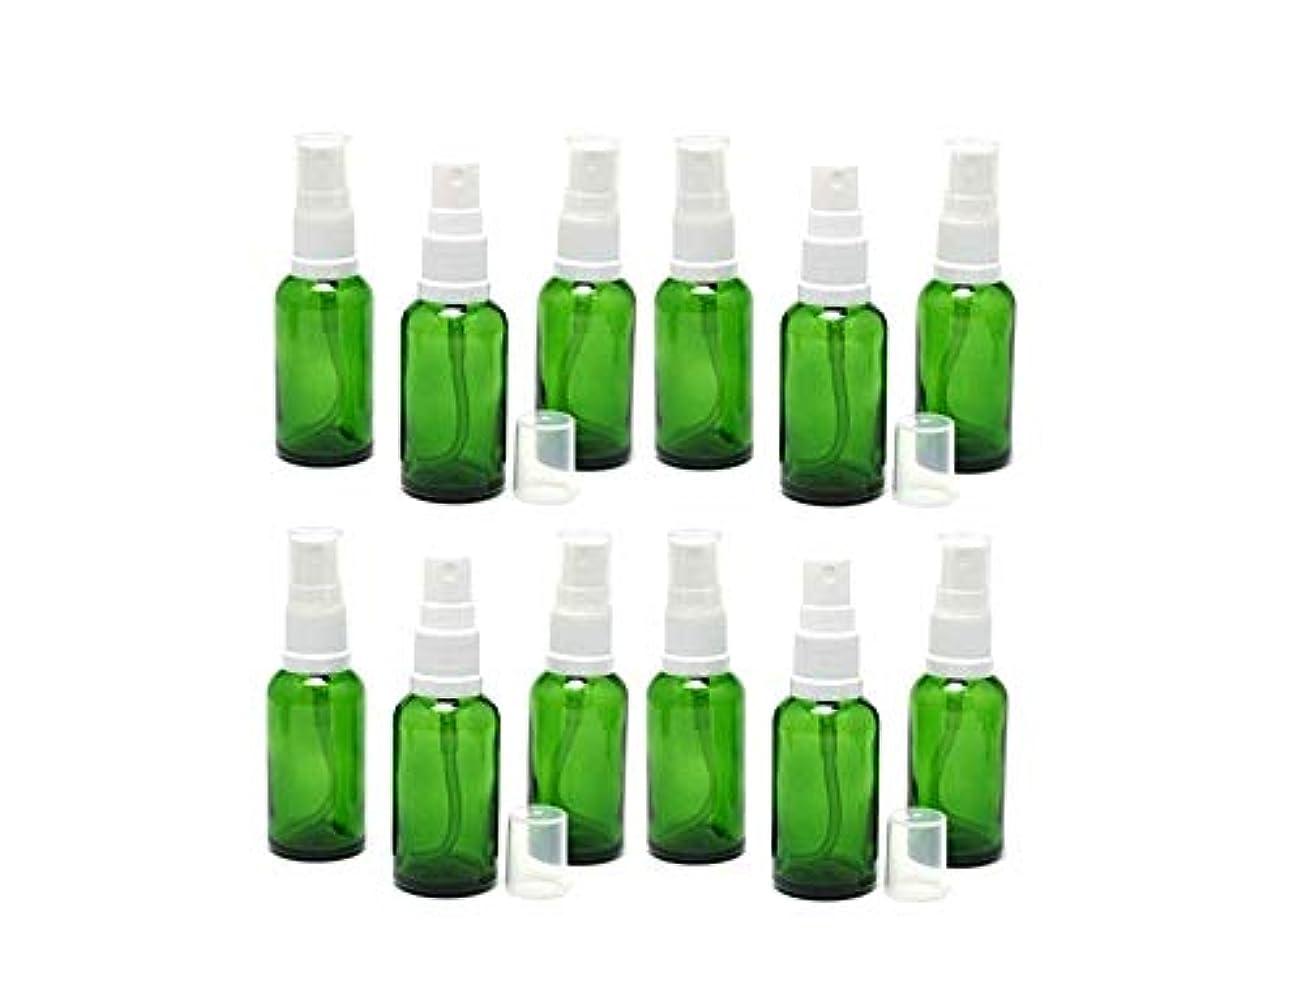 悪性のシマウマ火山学者遮光瓶 スプレーボトル (グラス/アトマイザー) 30ml グリーン/ホワイトヘッド 12本セット 【 新品アウトレットセール 】